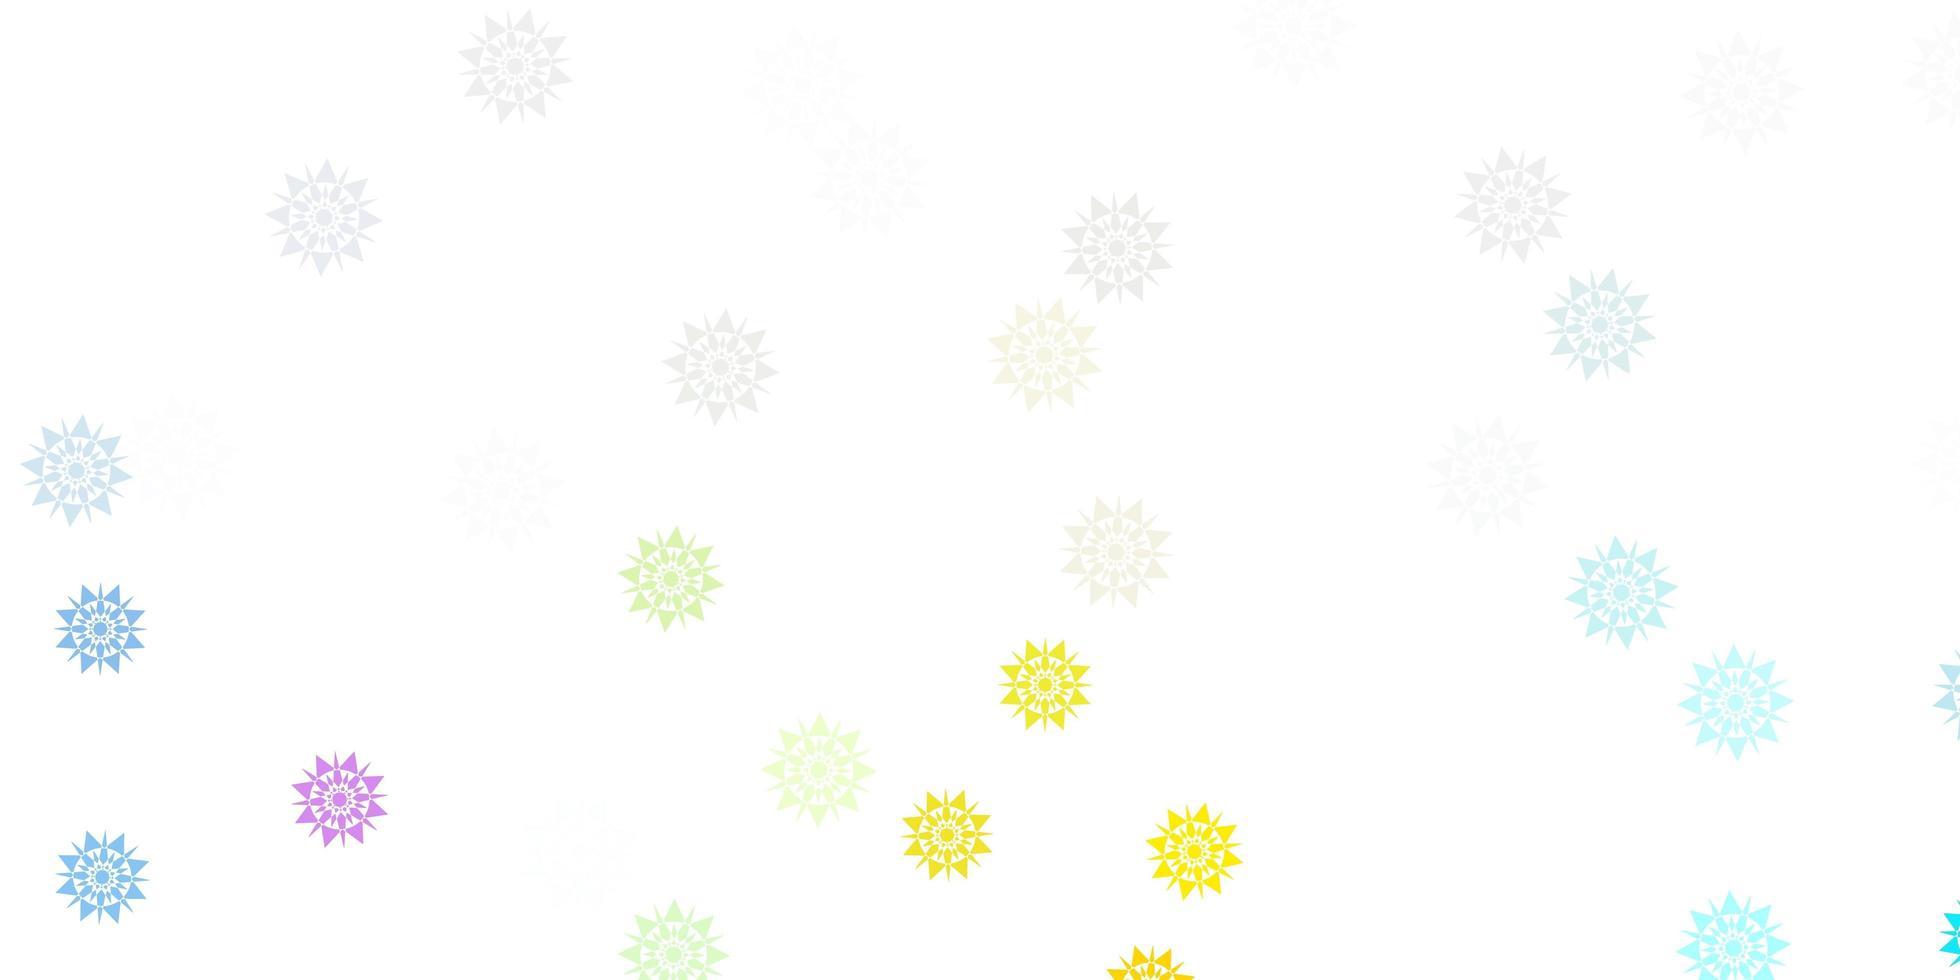 cenário multicolor de lindos flocos de neve vetor